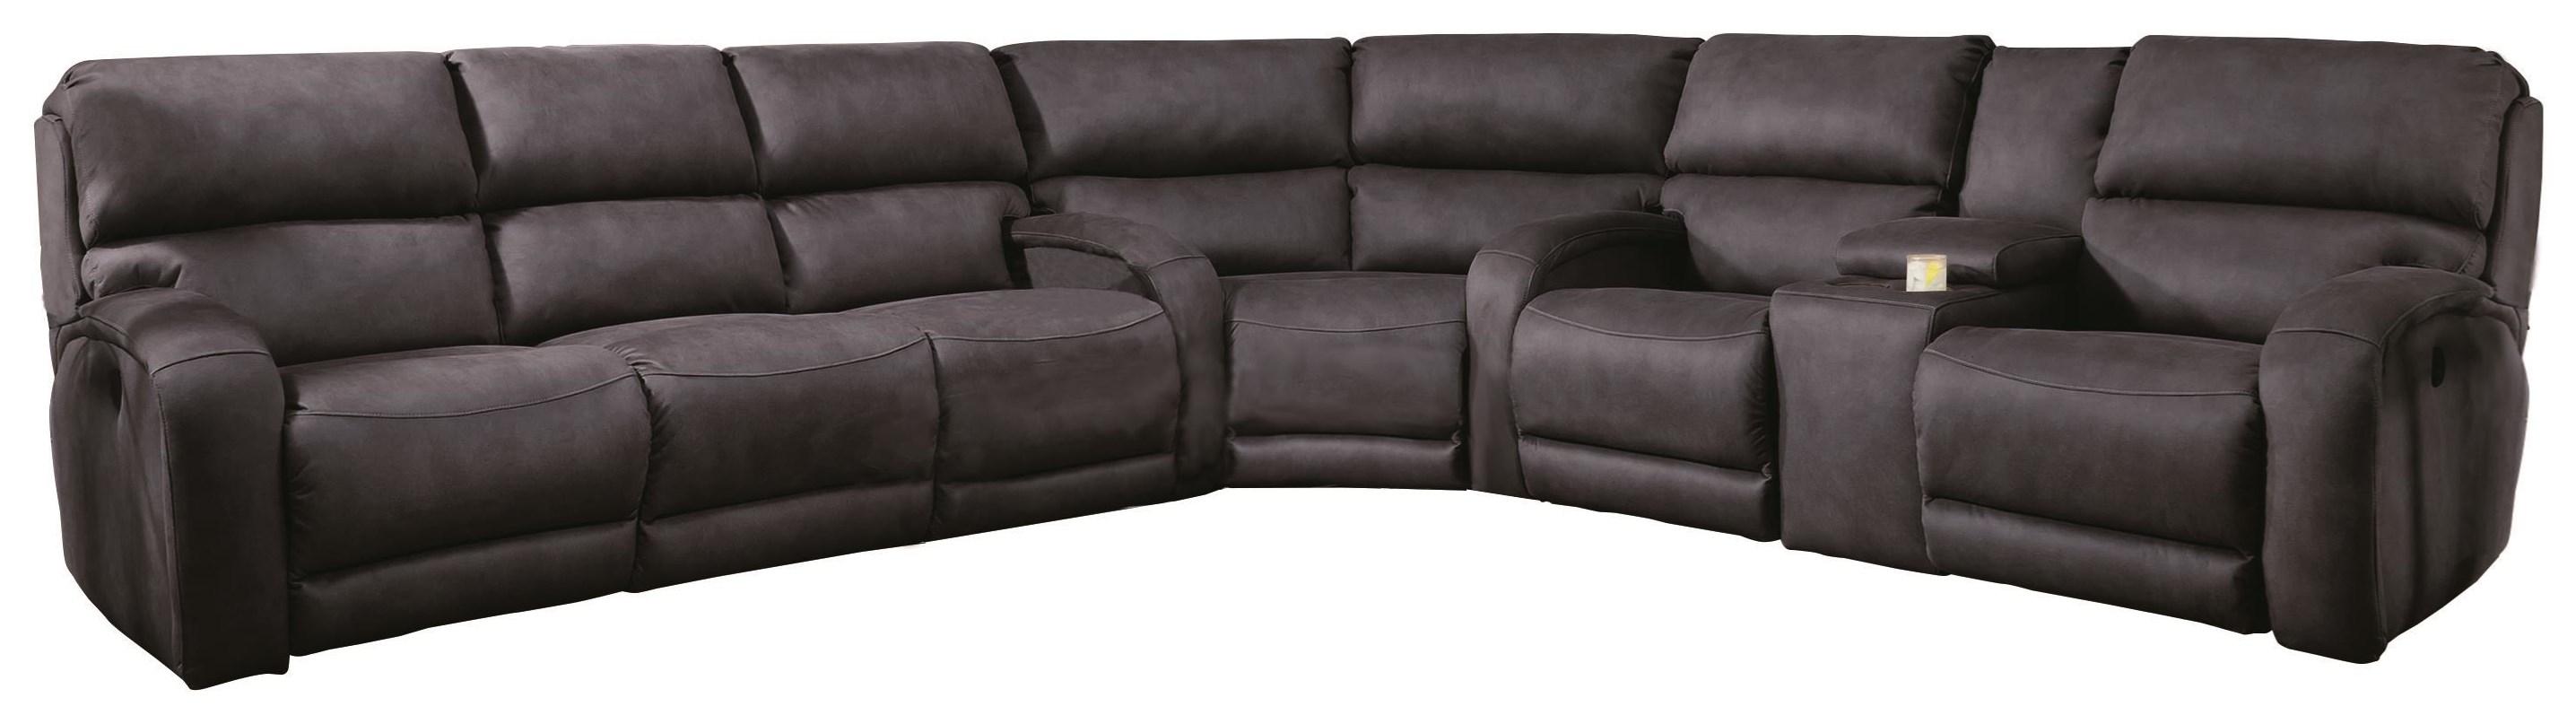 Dorian Sectional Sofa